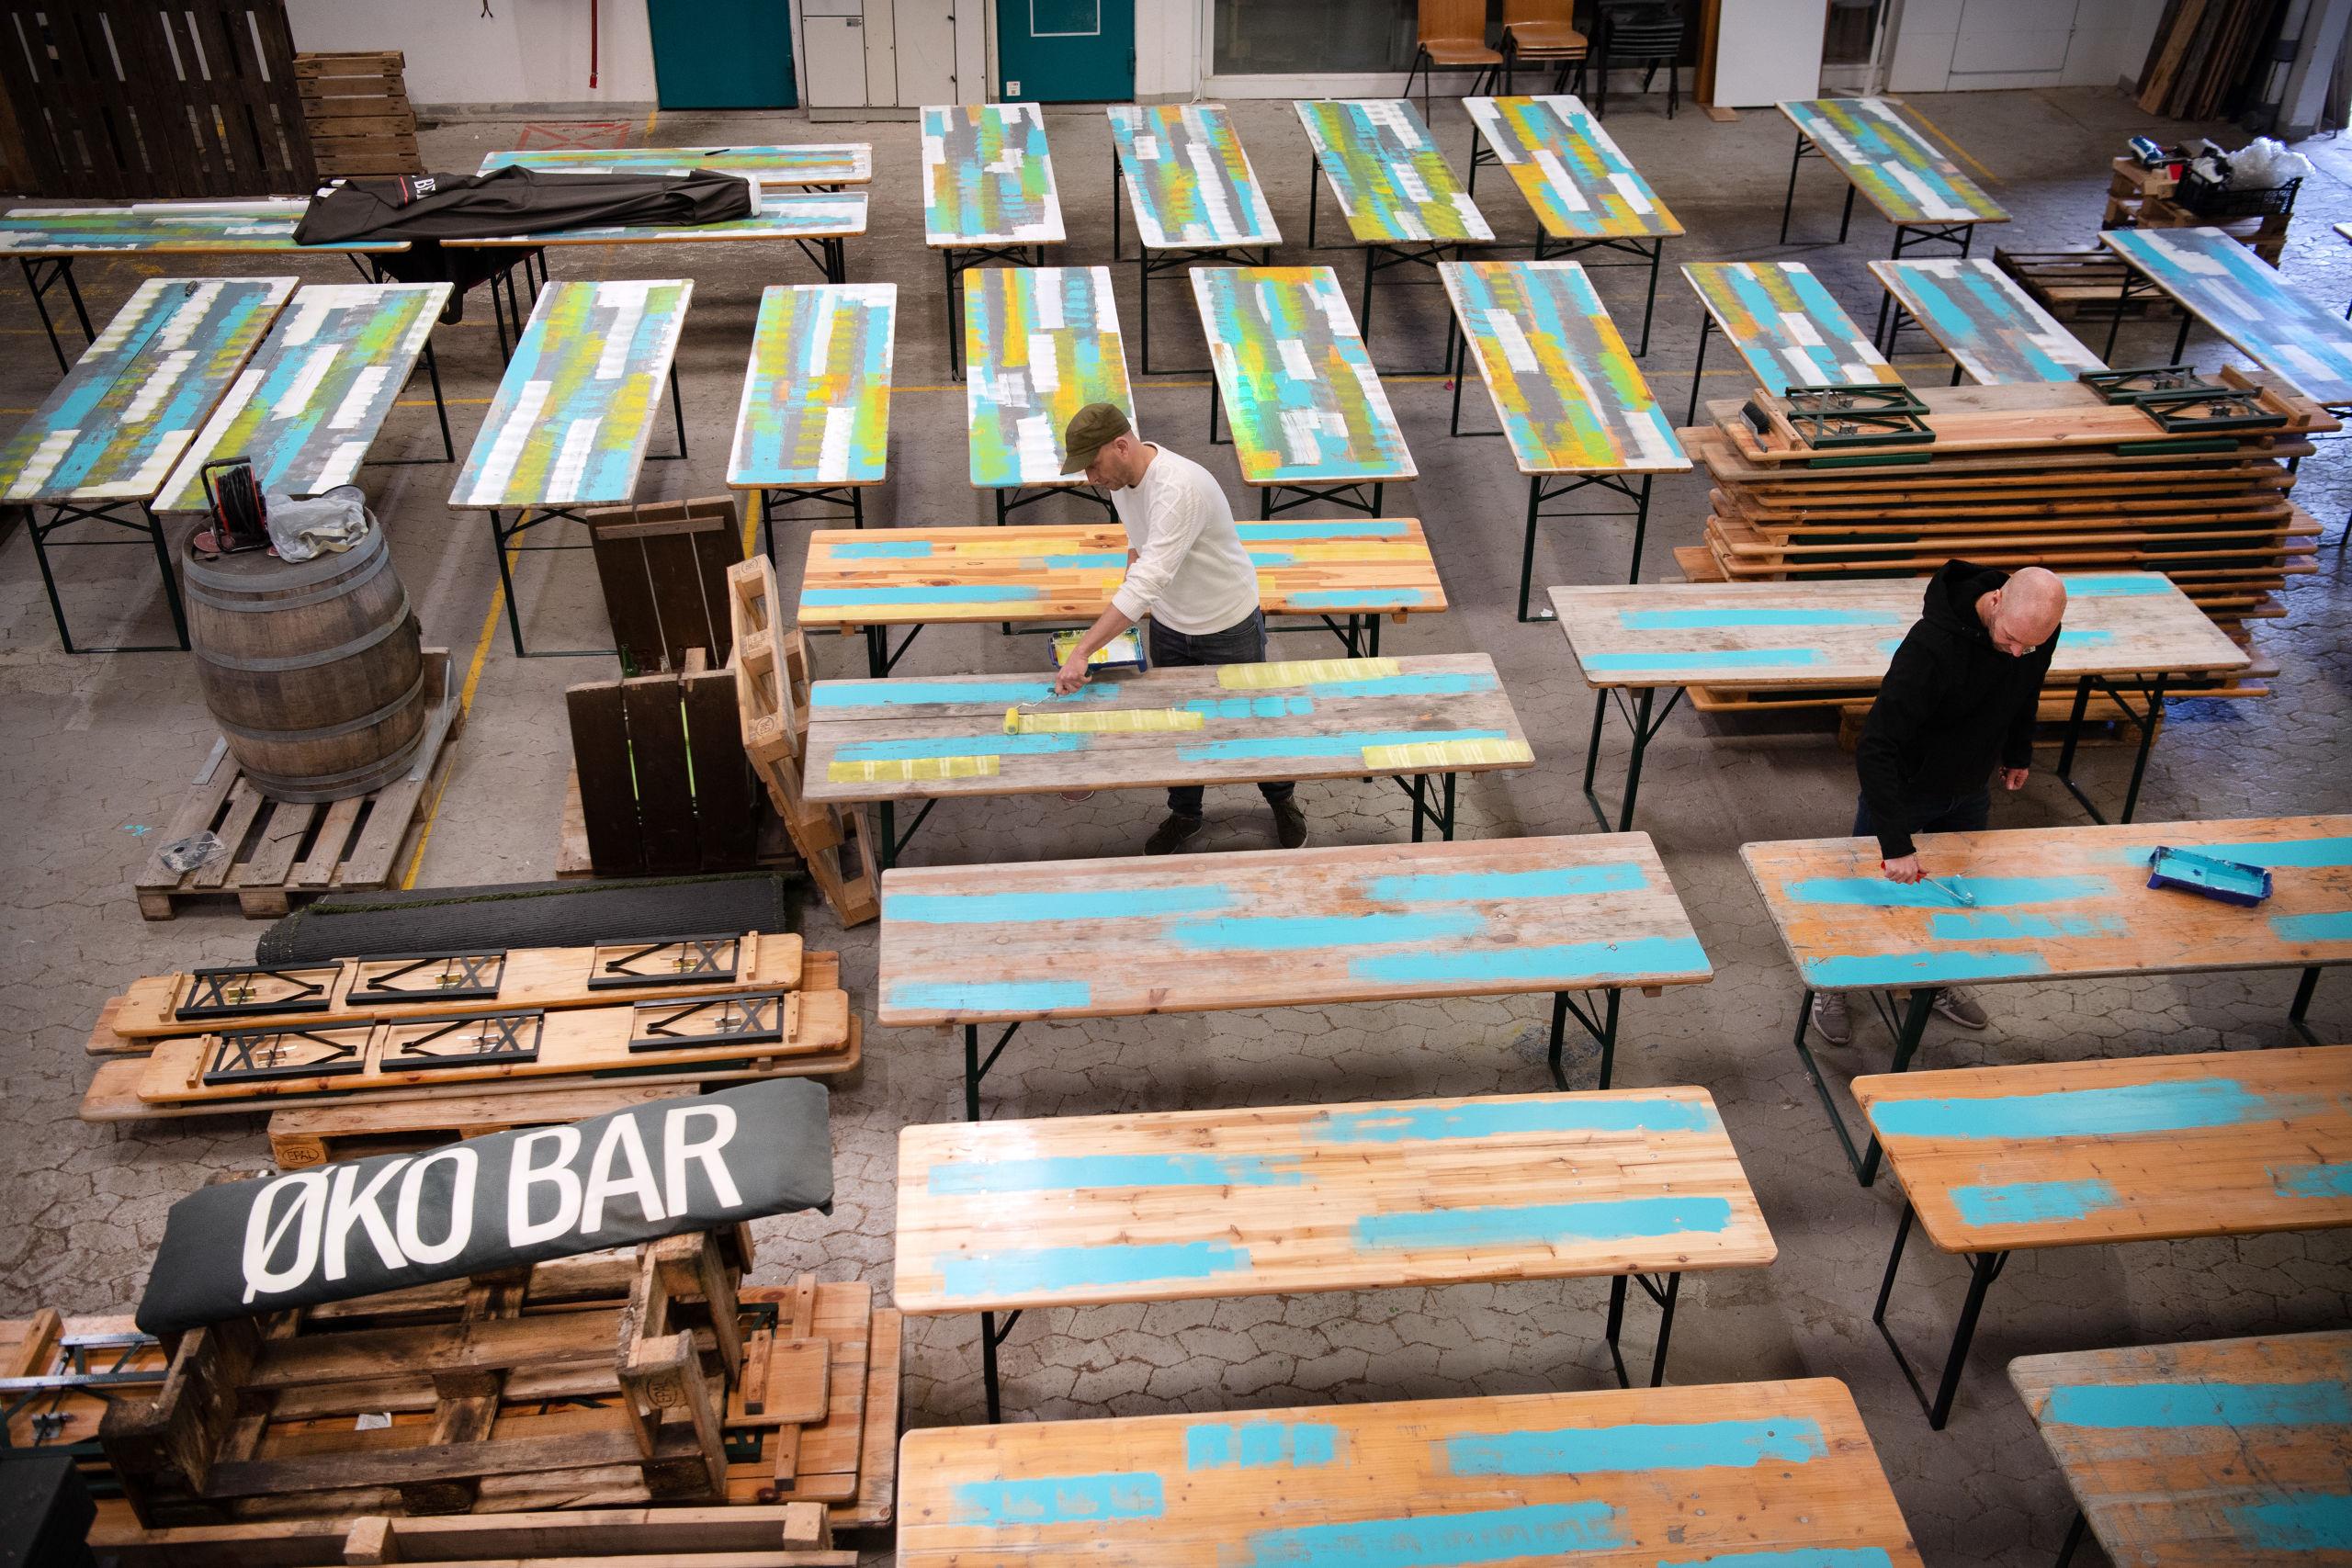 Der males borde, så de er klar til gæsterne. Foto: Hans Ravn